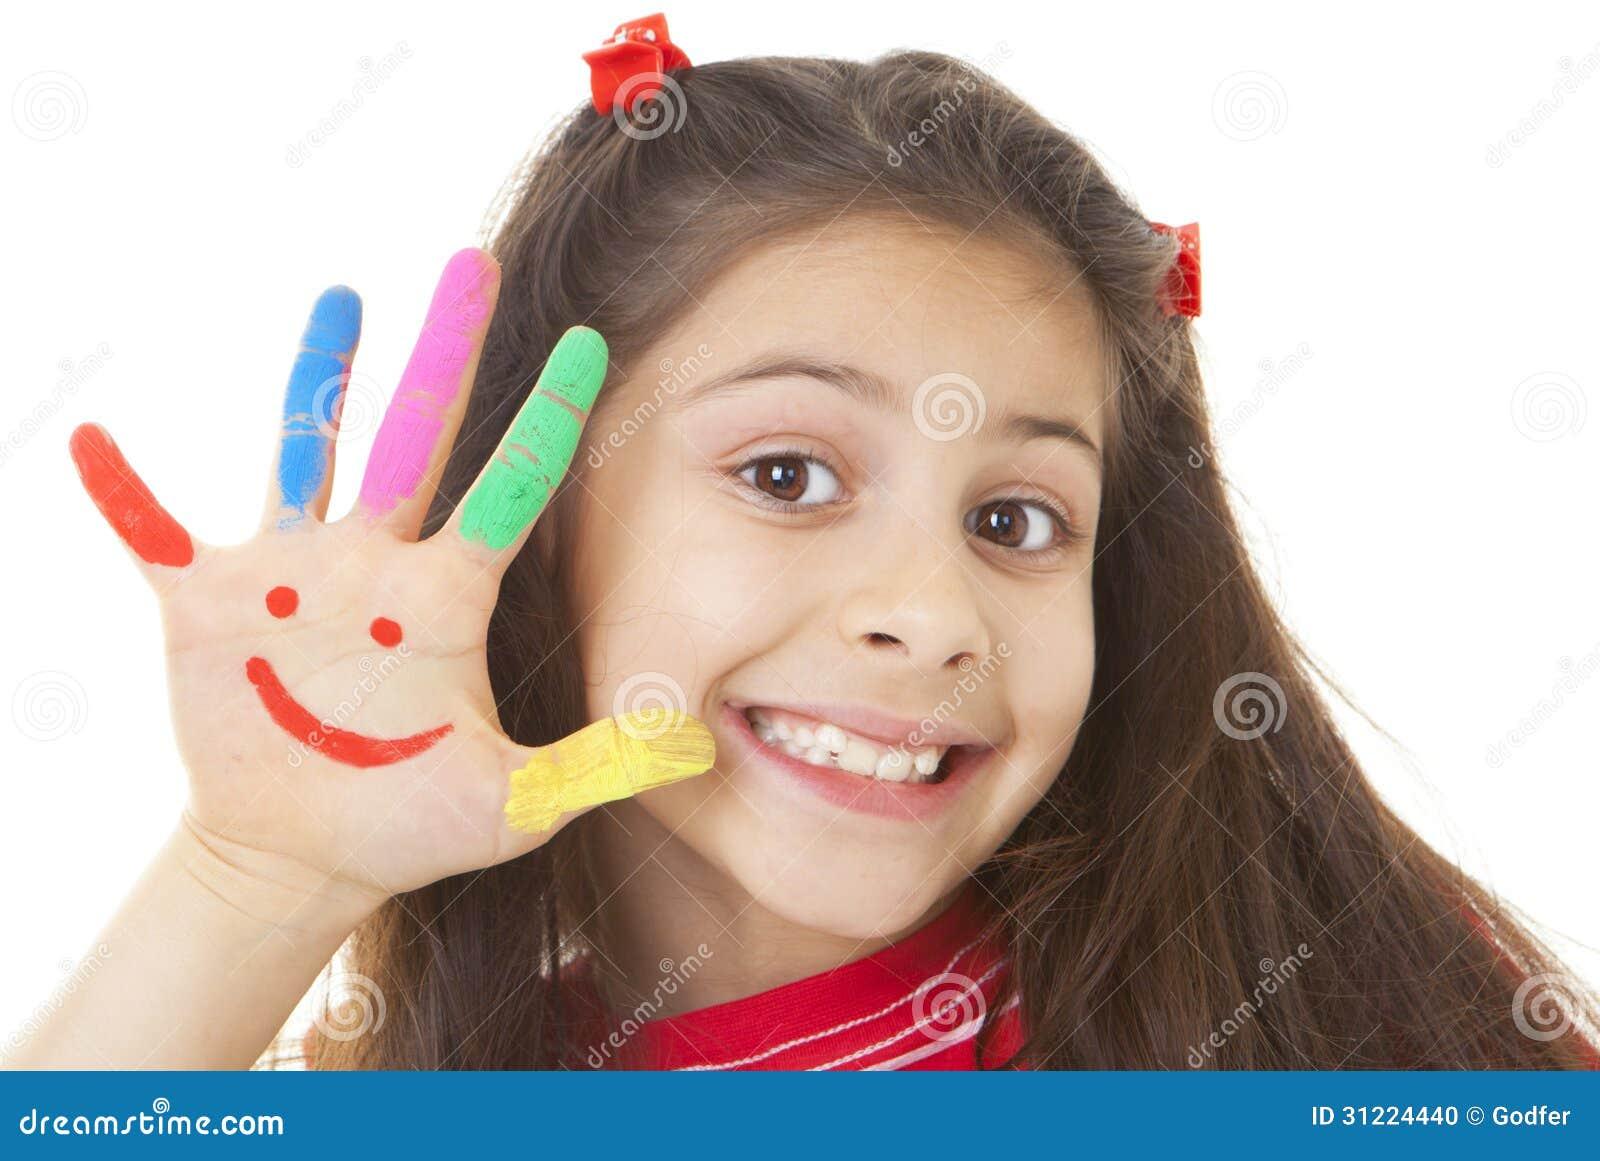 Smile, Smiling ... Kid